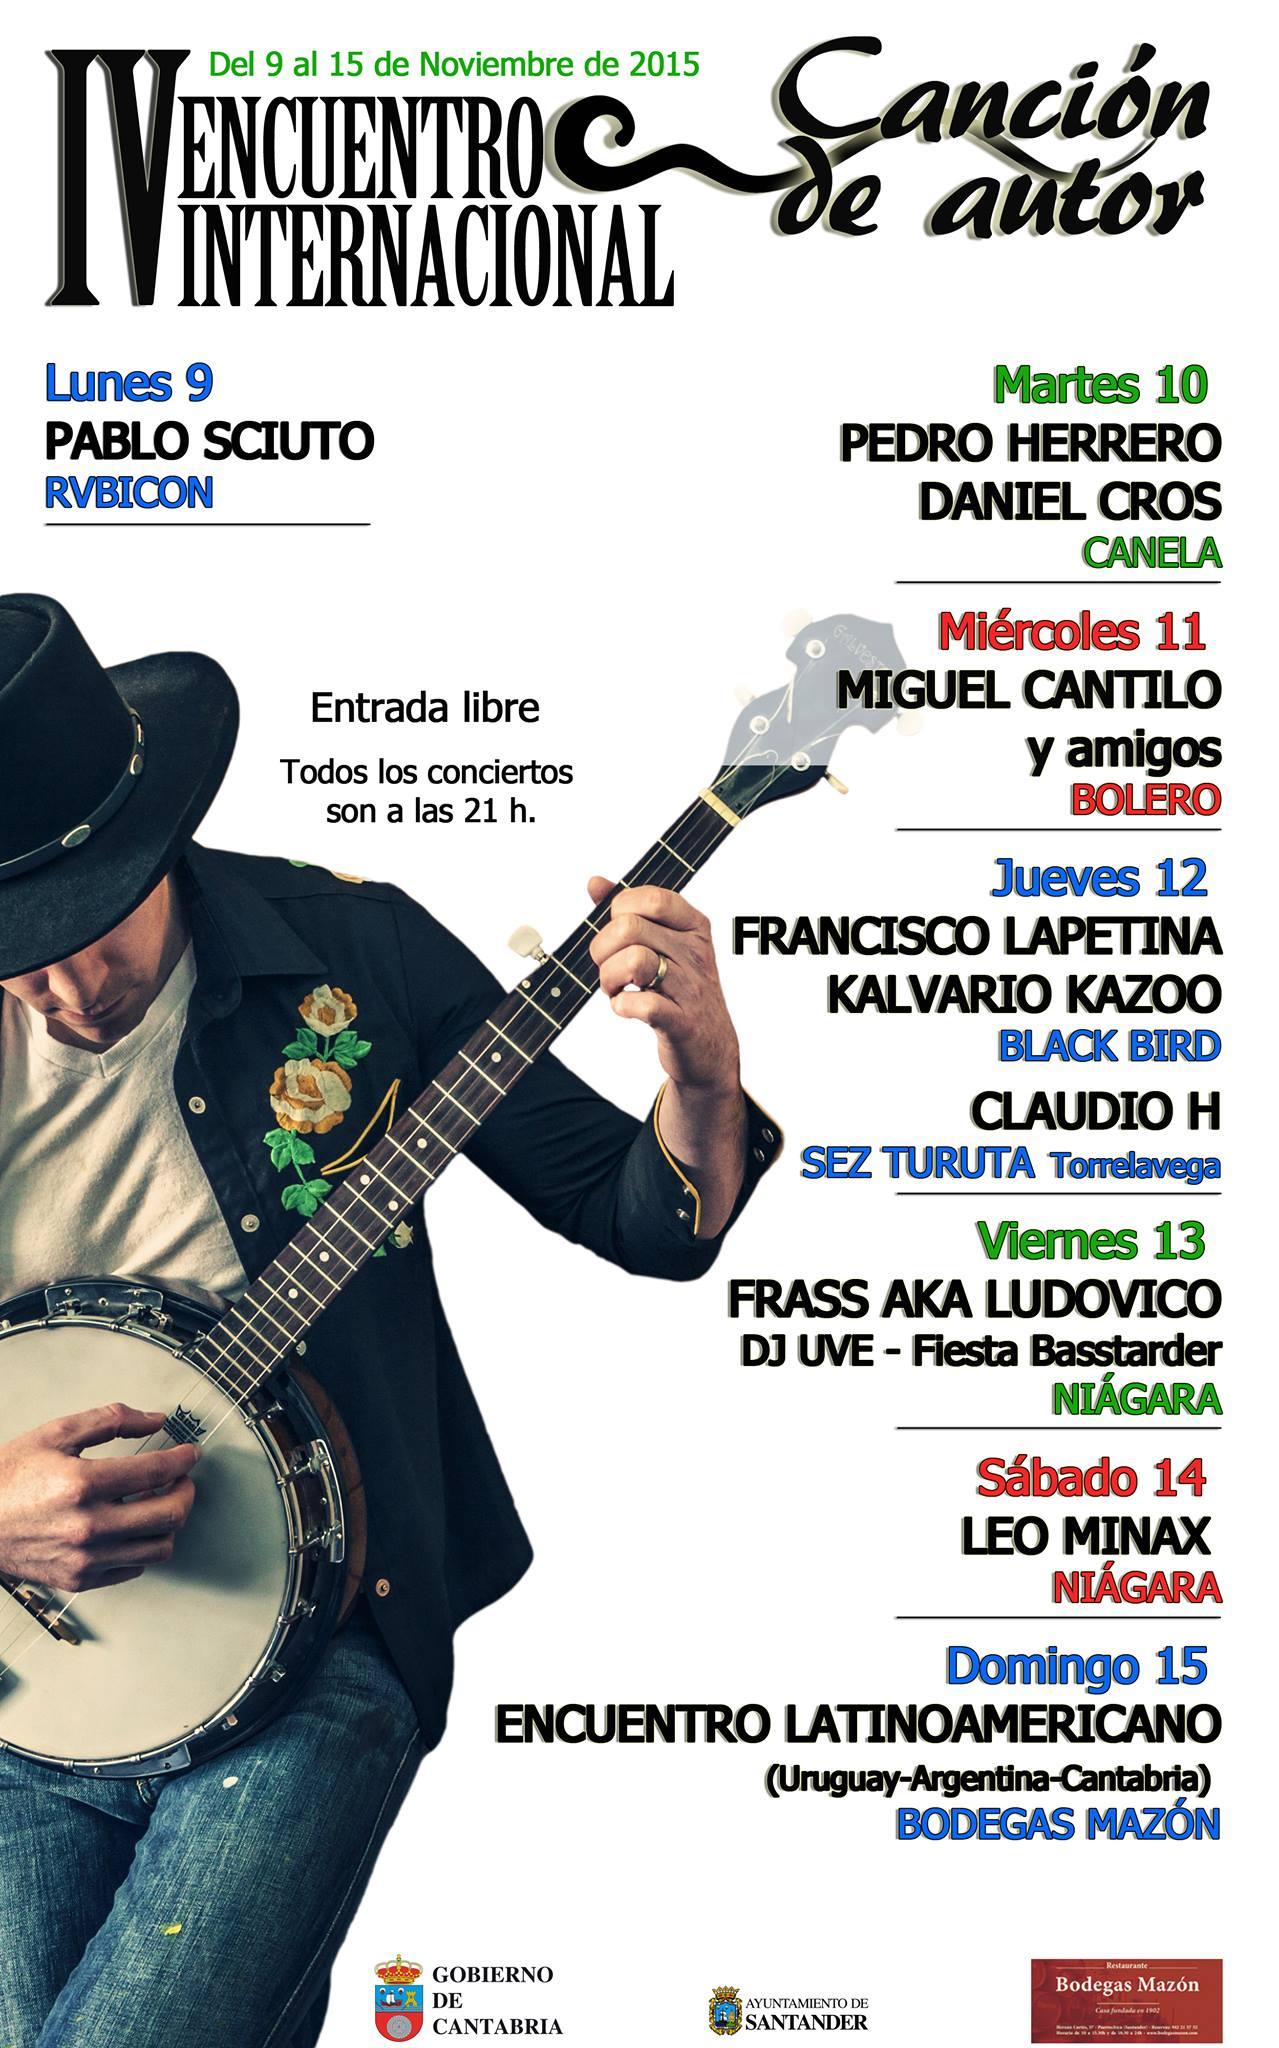 Cartel del IV Encuentro  Internacional de la Canción de Autor en Cantabria.